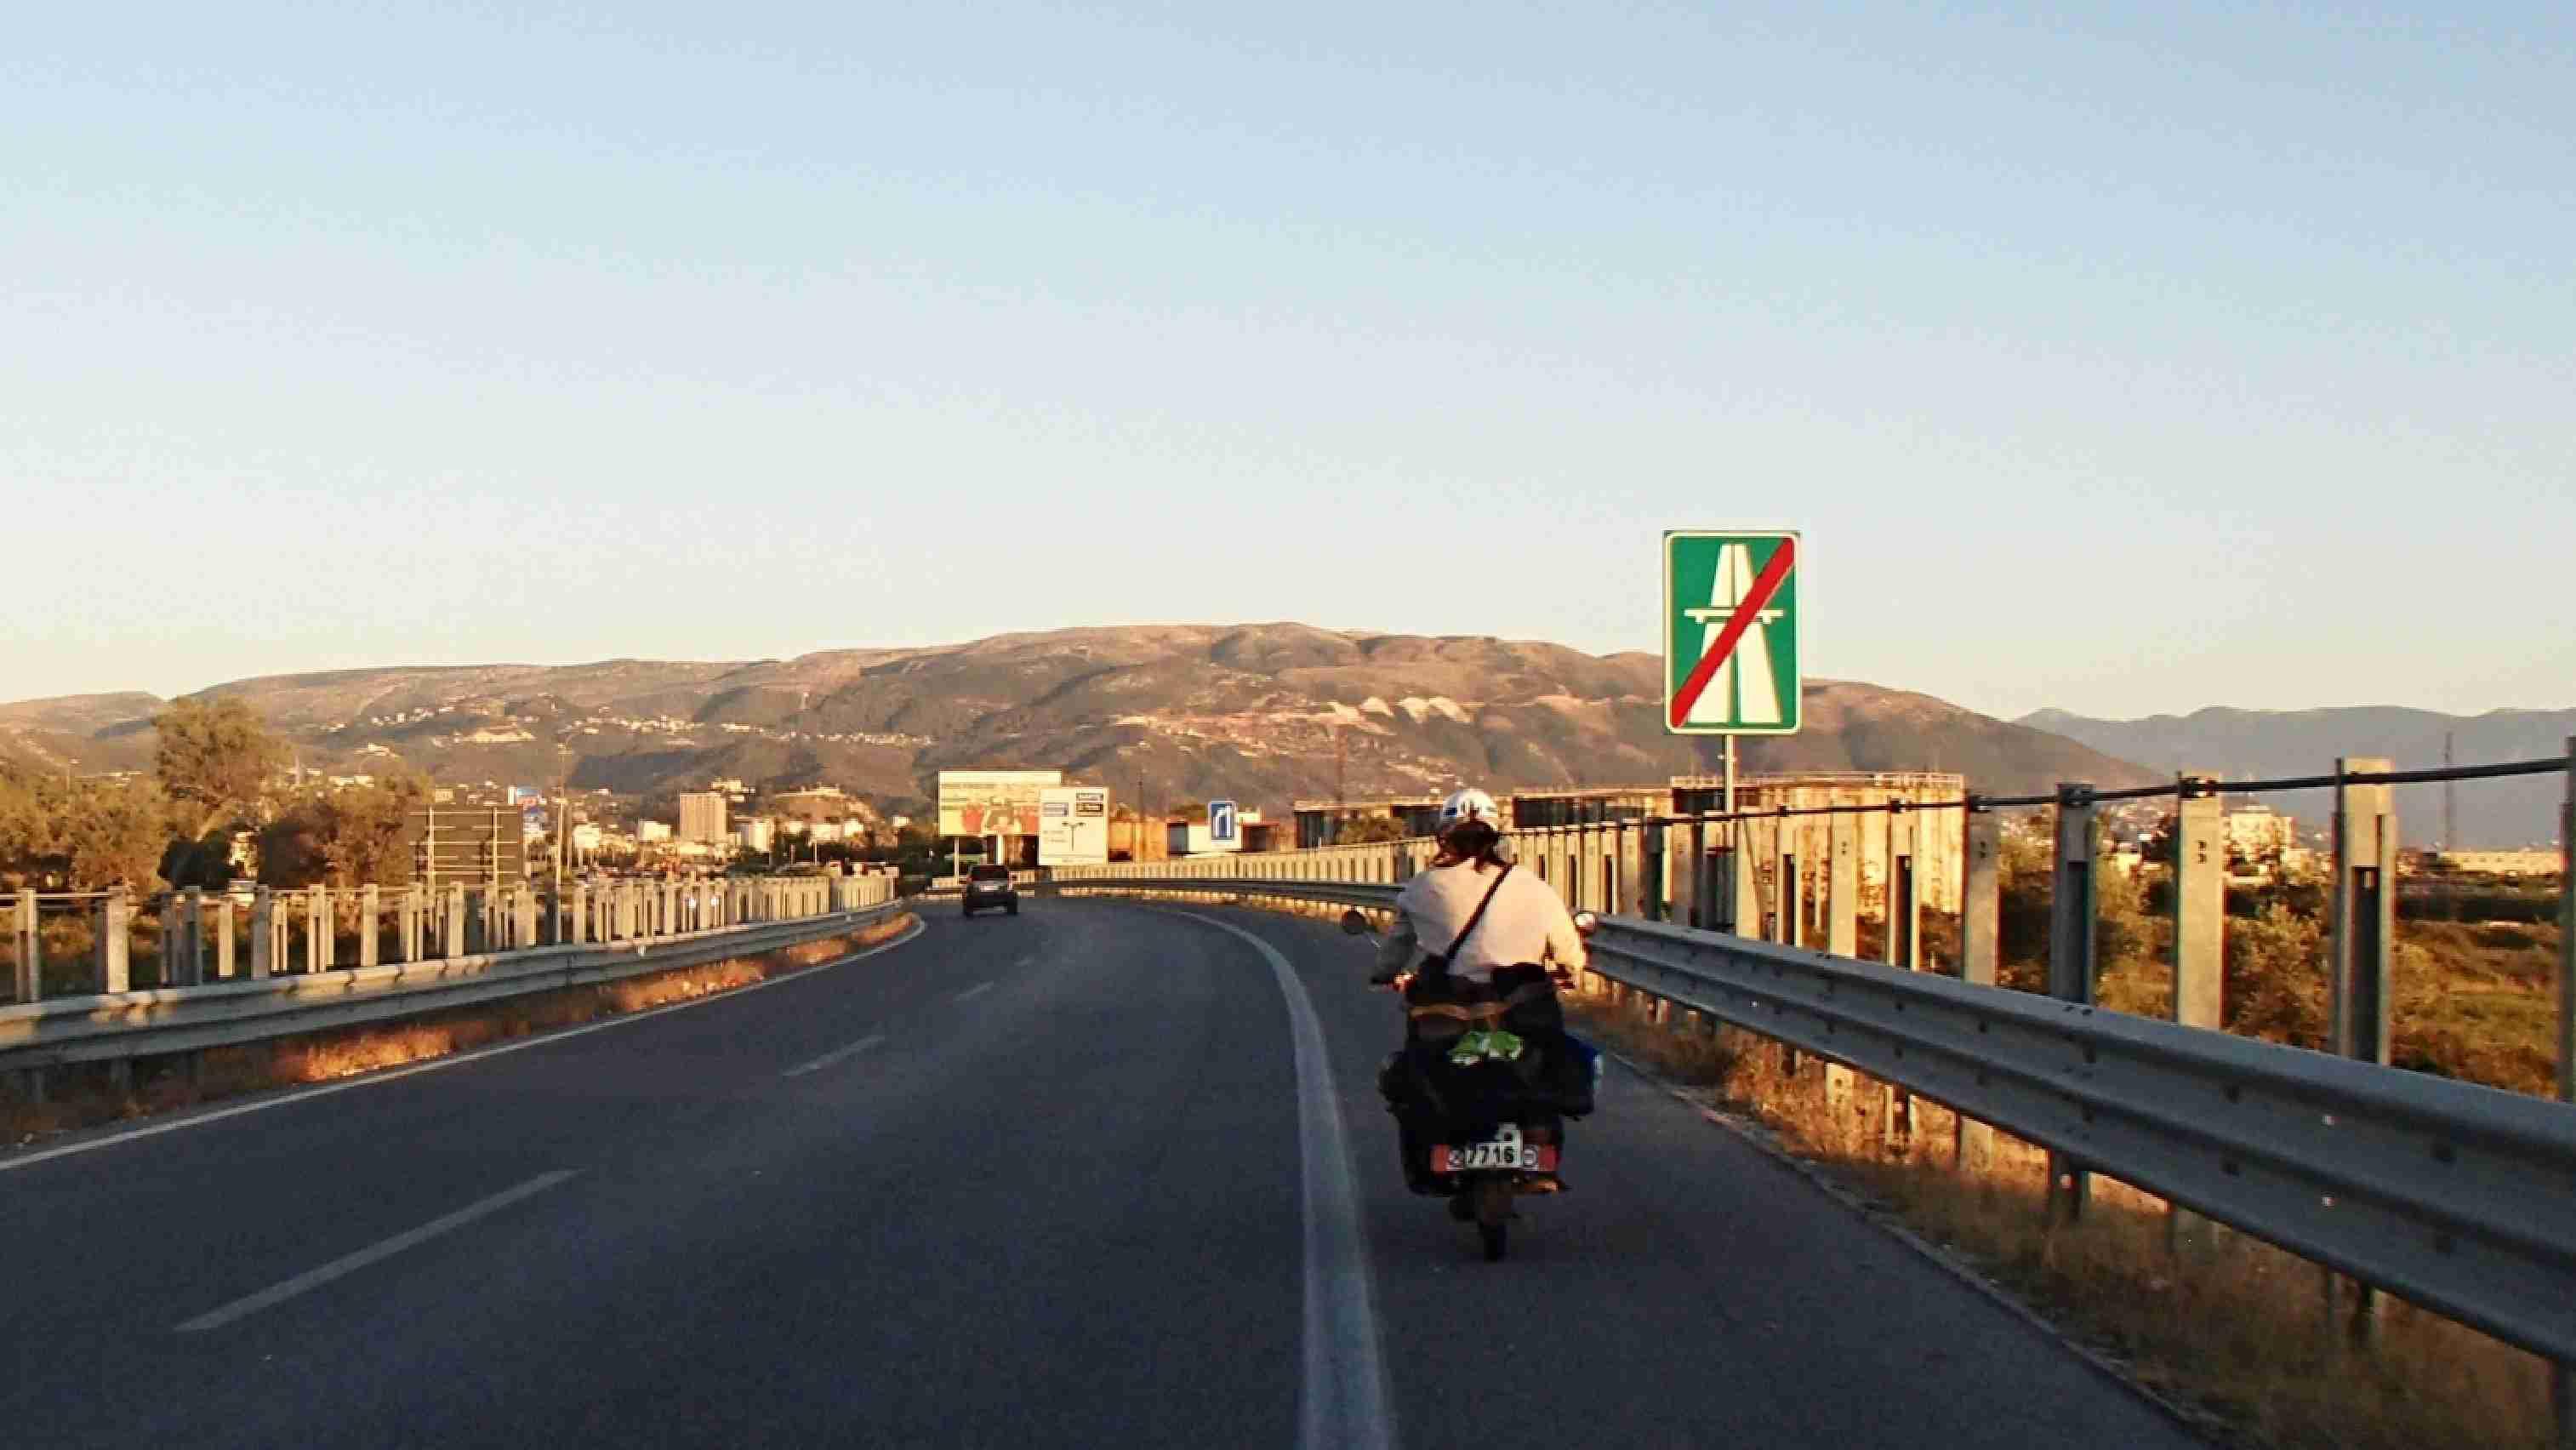 Balkán na Jawách, jawa pionýr, jawa mustang, jawa 50, moto výlet, na Balkán, s jawou na cestách, dobrodruzi na fichtlech, chorvatsko, bosna a hercegovina, černá hora, albánie, řecko, makedonie, kosovo, srbsko, liberland, maďarsko